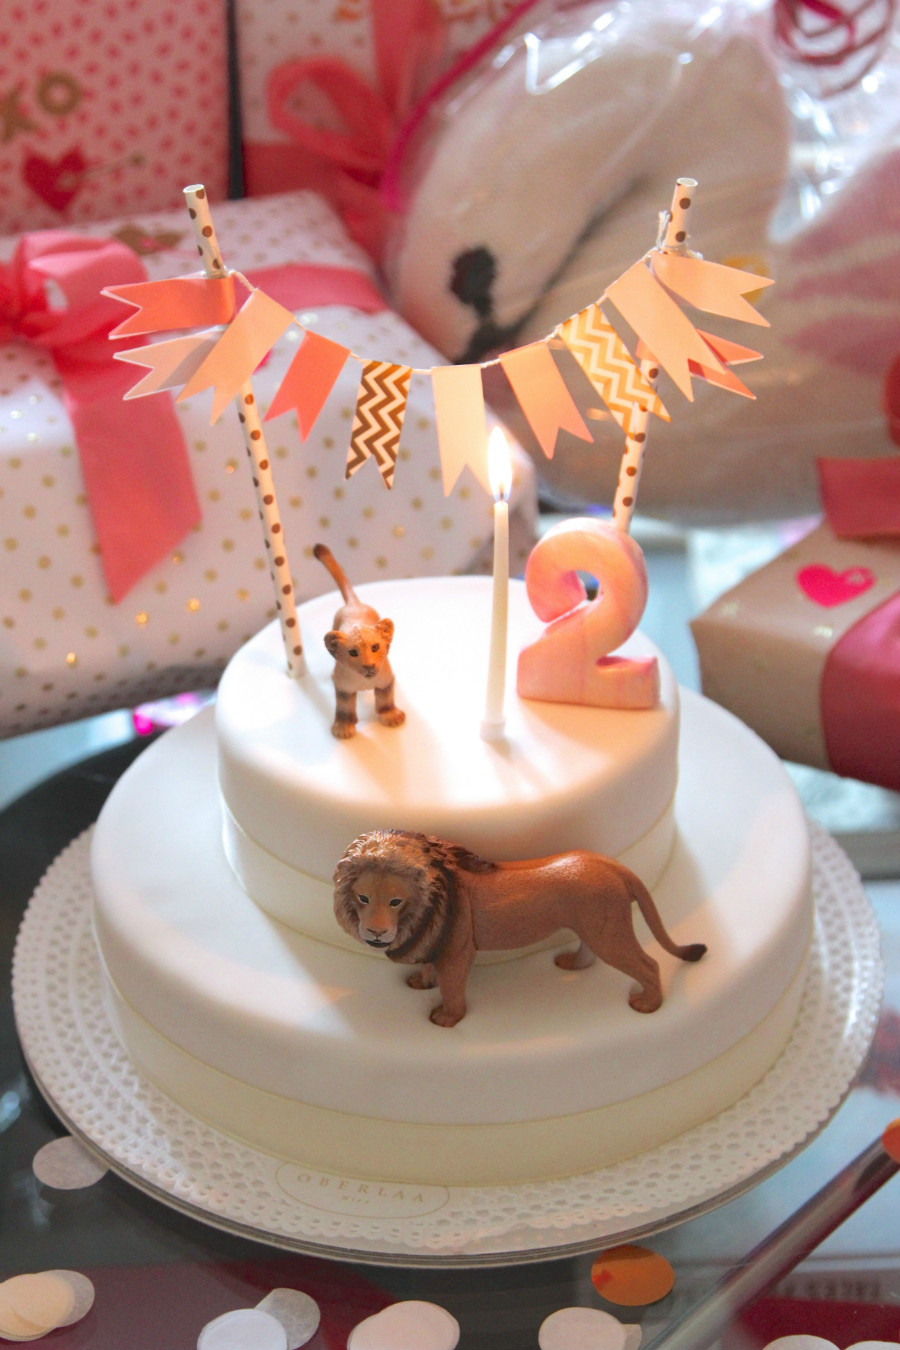 Kuchen 2 Geburtstag Madchen Hylen Maddawards Com